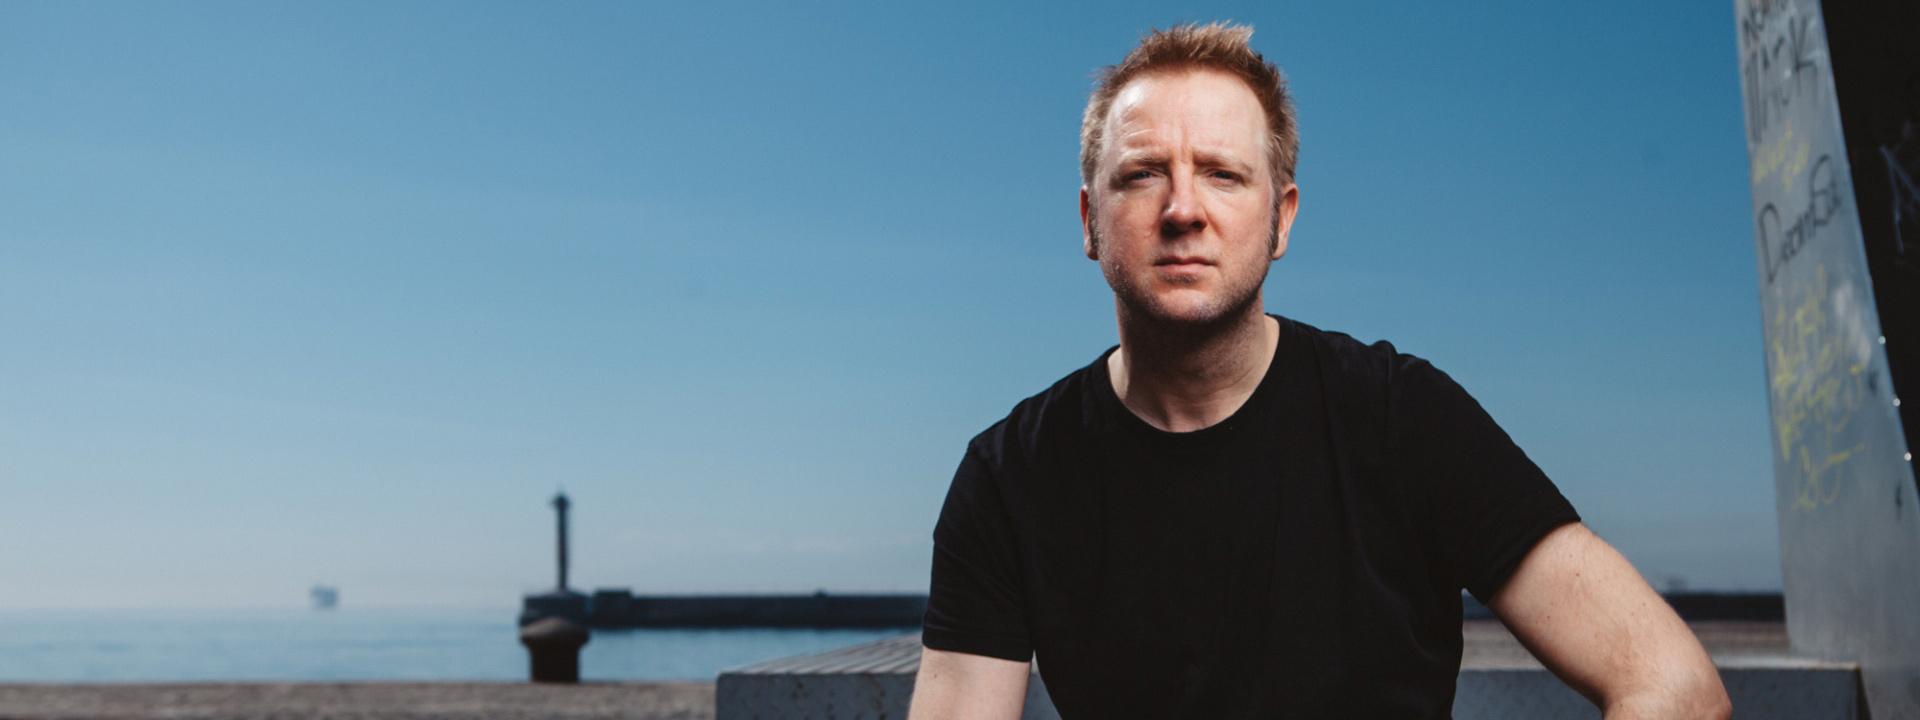 Ton-van-Zantvoort-documentary-filmmaker